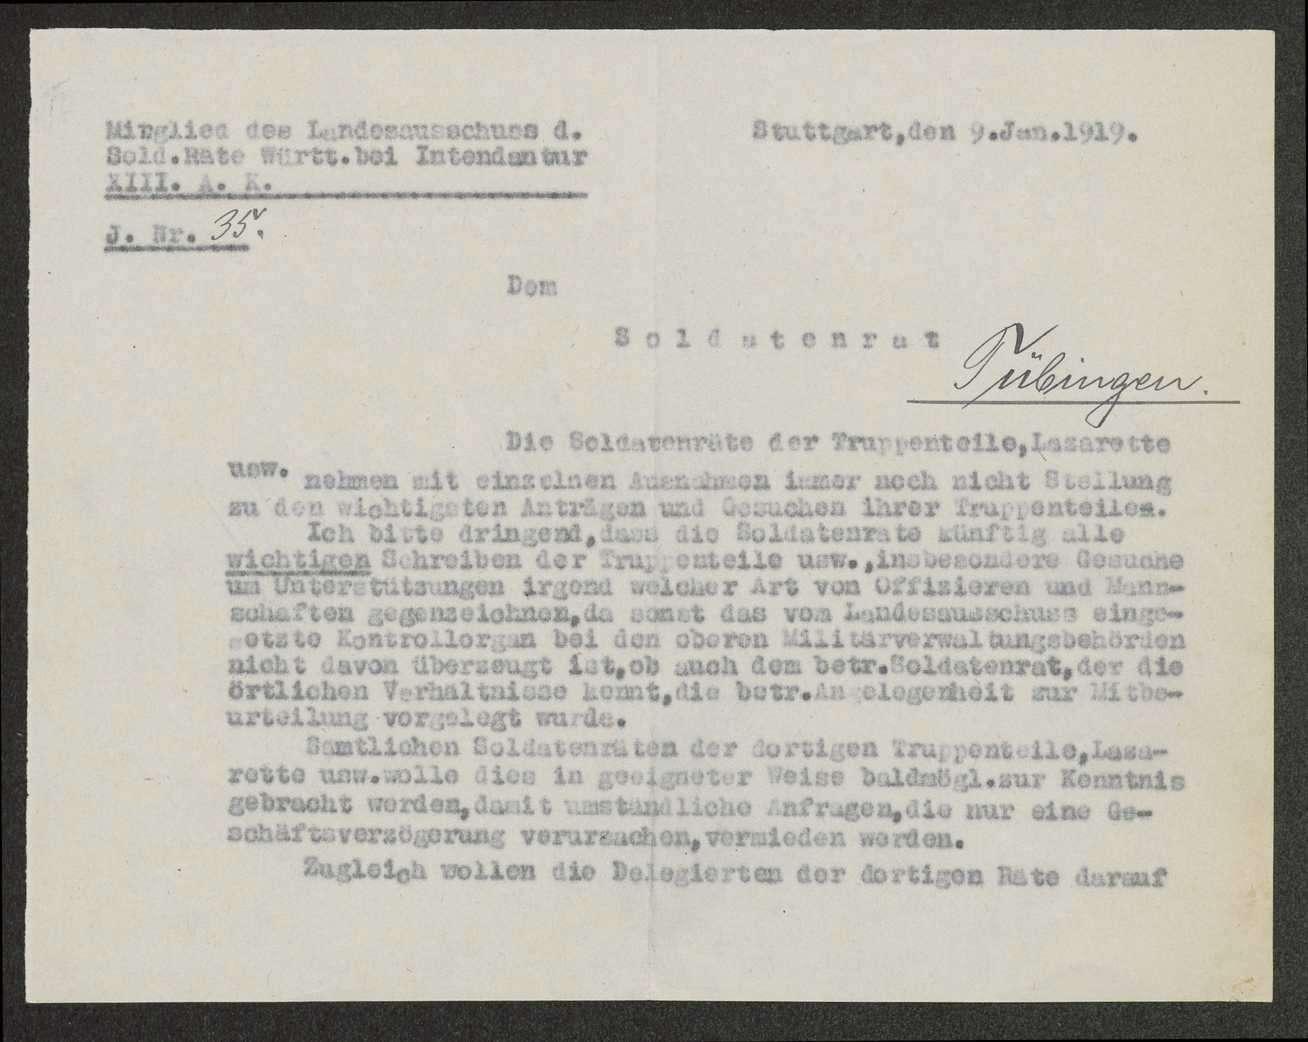 Bitte des Mitglieds des Landesausschusses der Soldatenräte bei der Intendantur des XIII. Armeekorps an die Soldatenräte um Gegenzeichnung aller Schreiben sowie um Meldung von Missständen, Bild 1